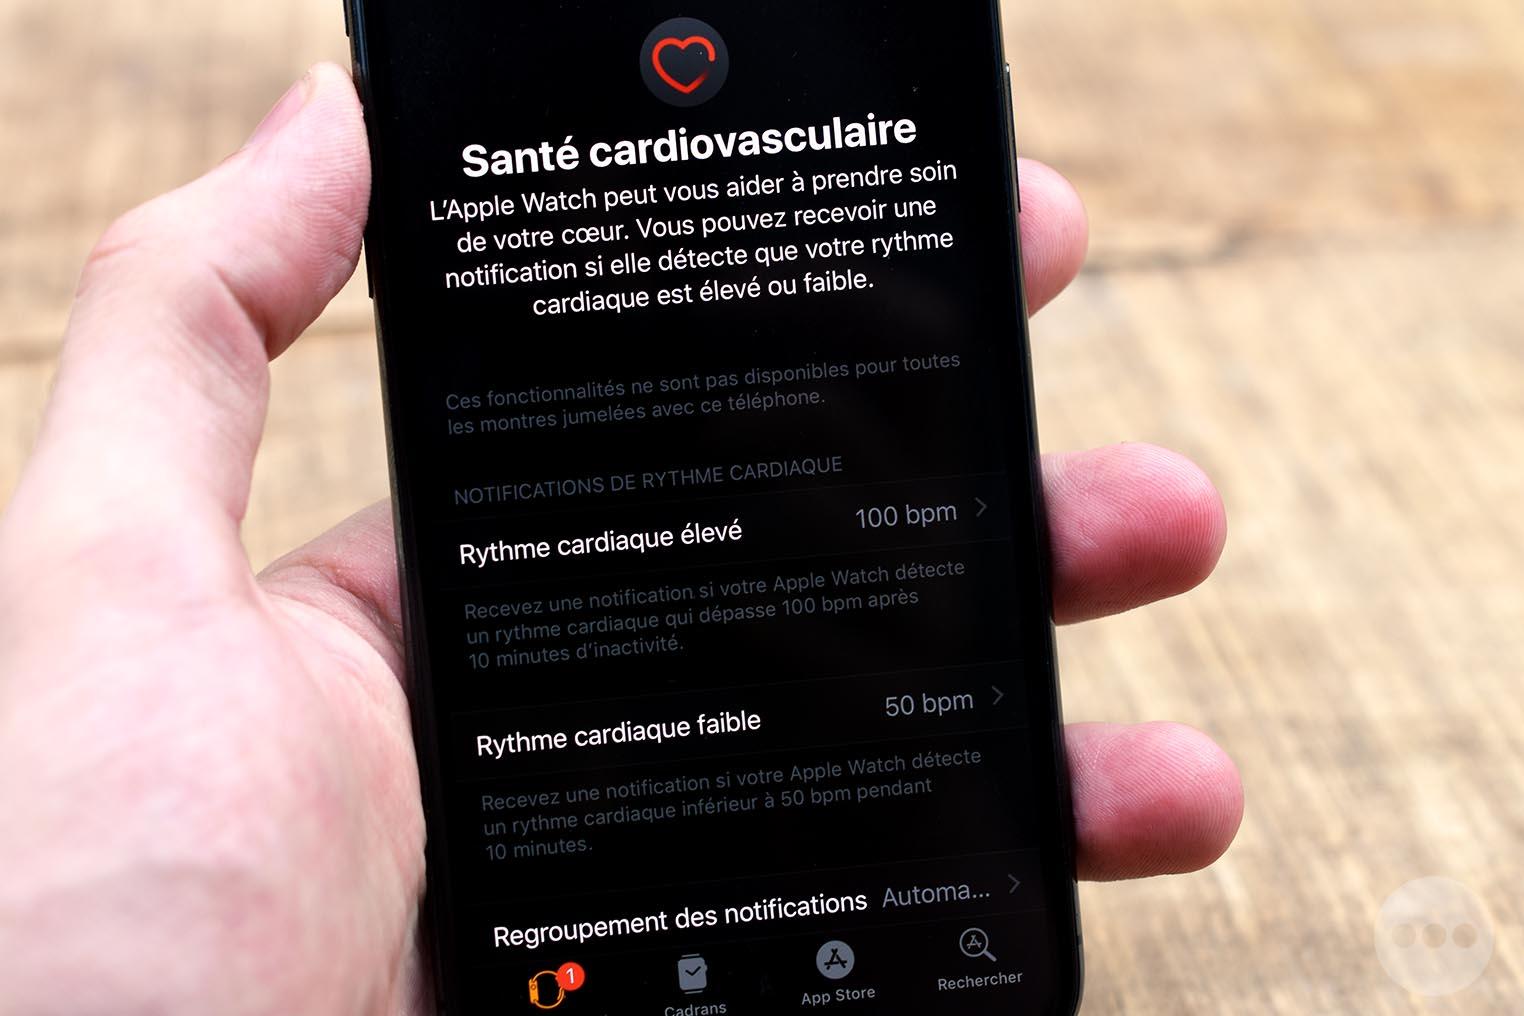 Apple Watch 4 santé cardiovasculaire